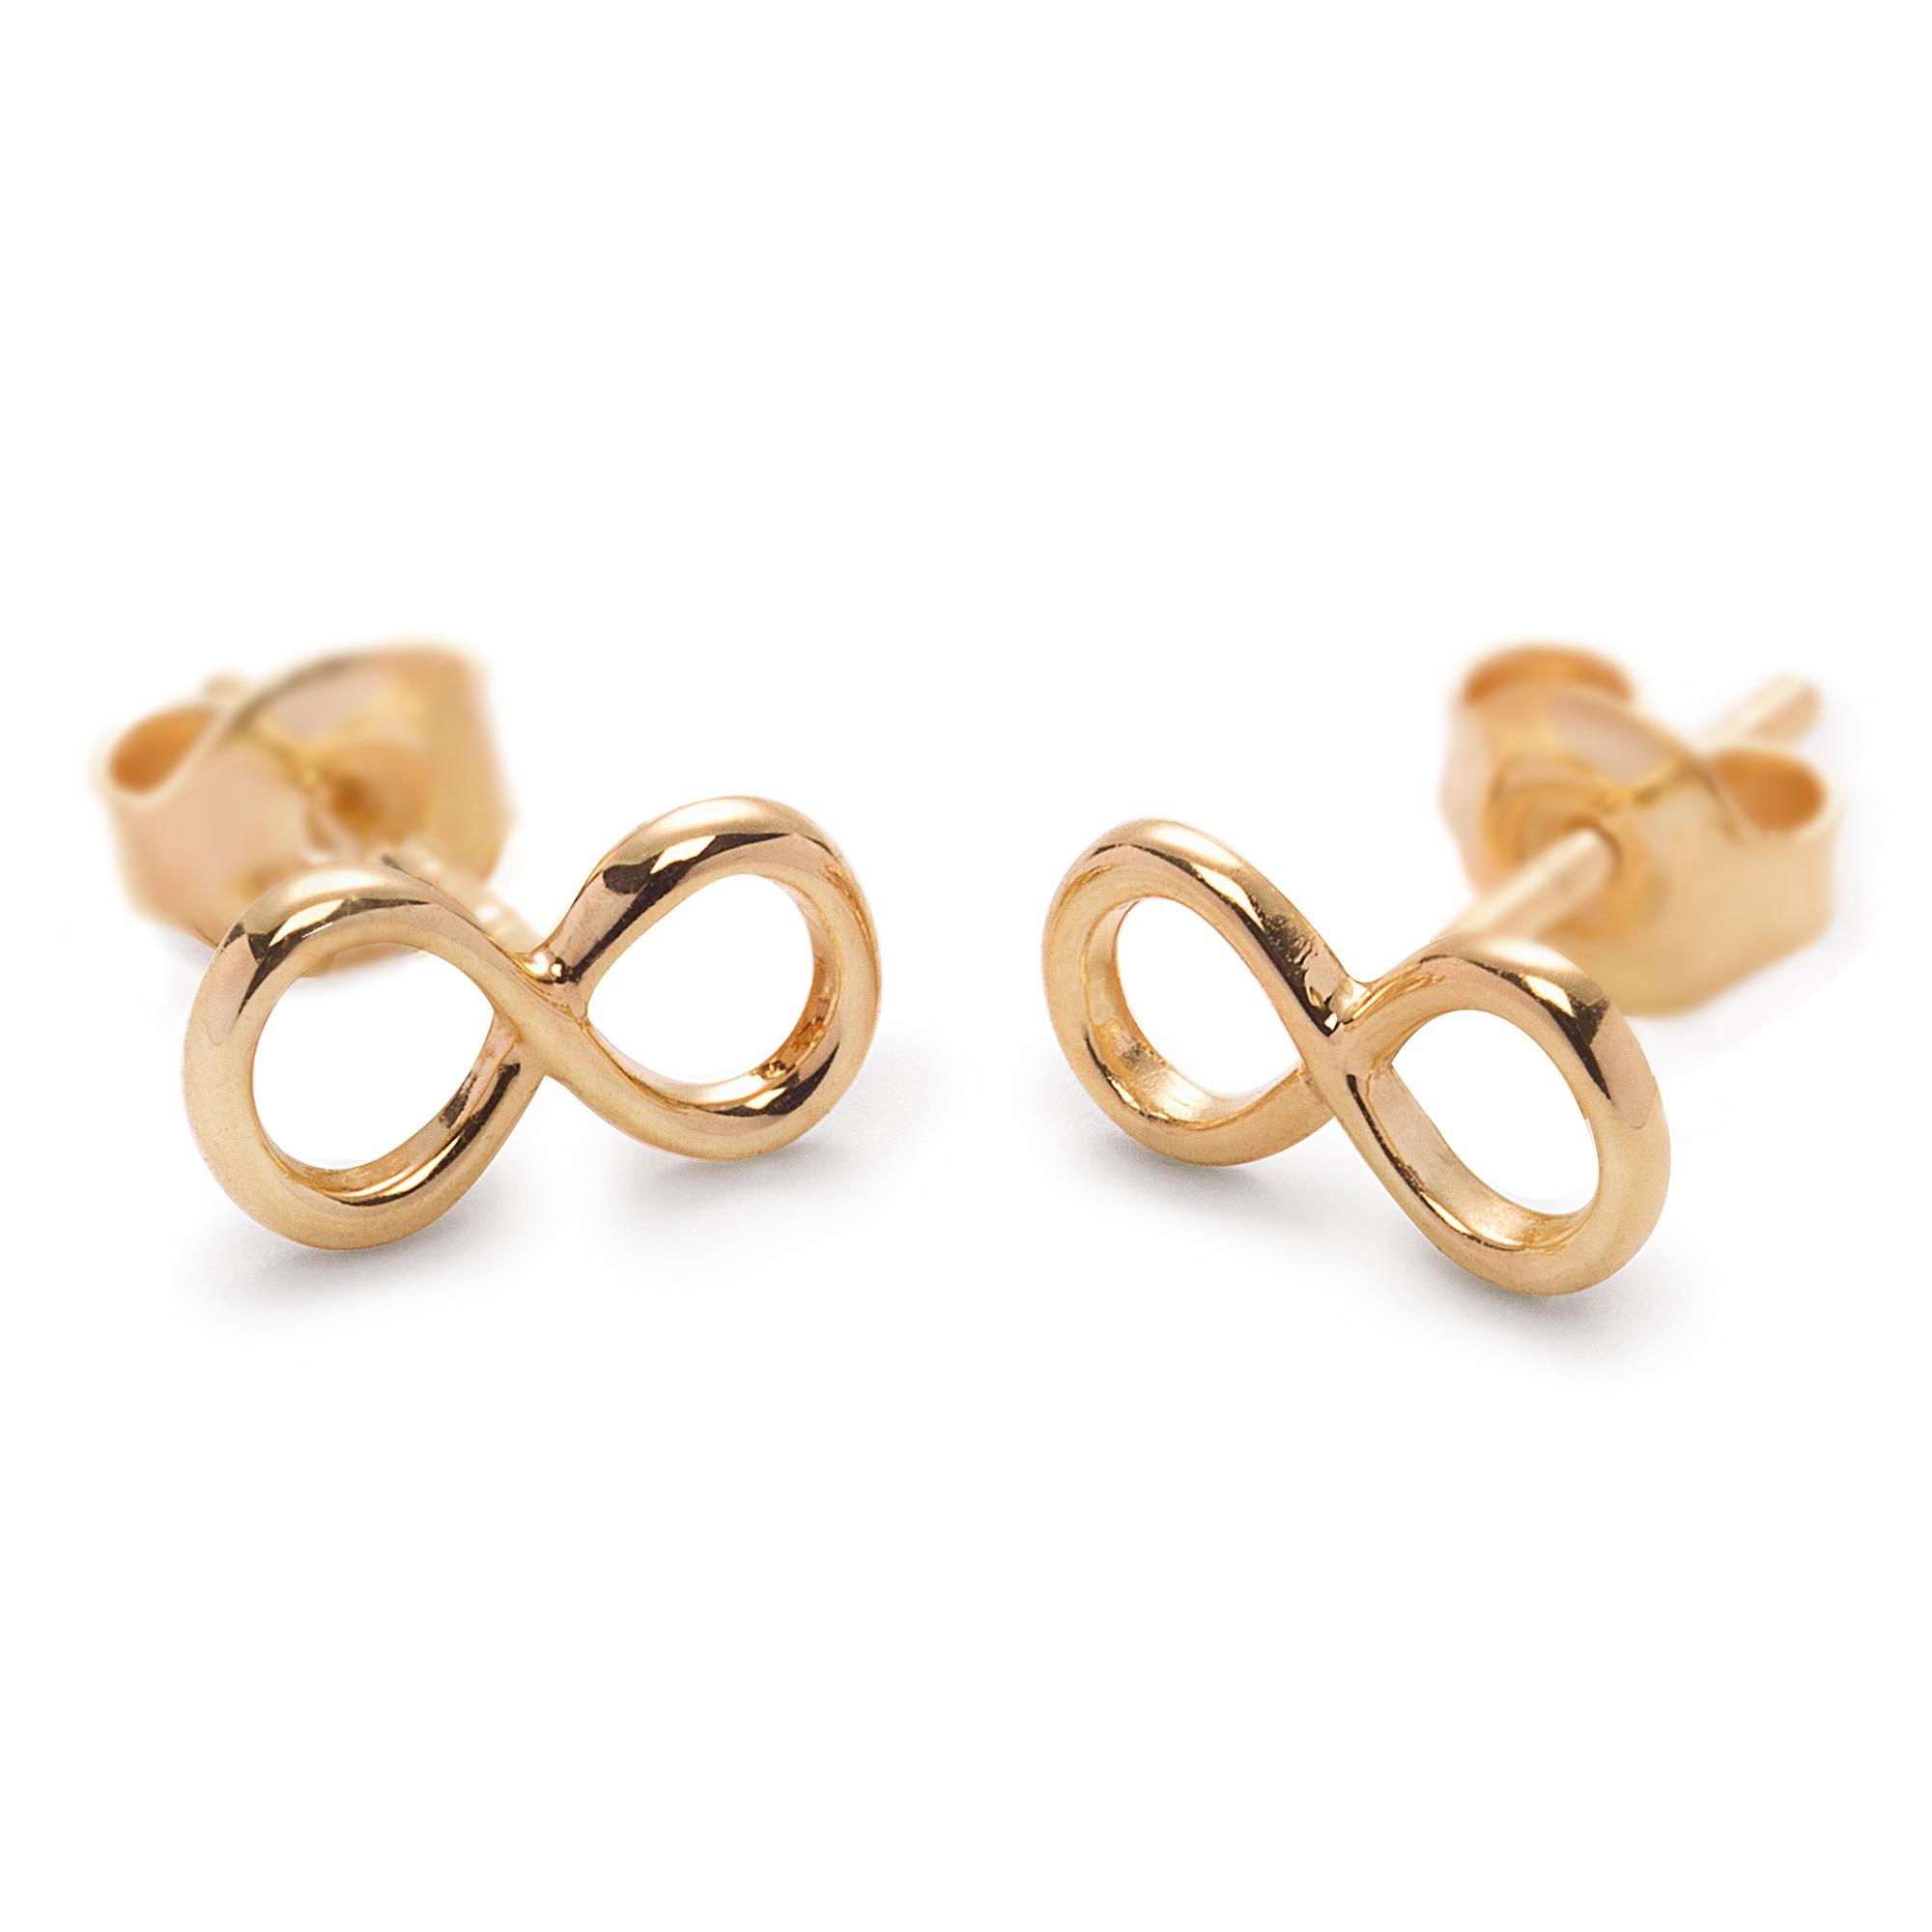 Boucles d'oreilles signe de l'infini en or585